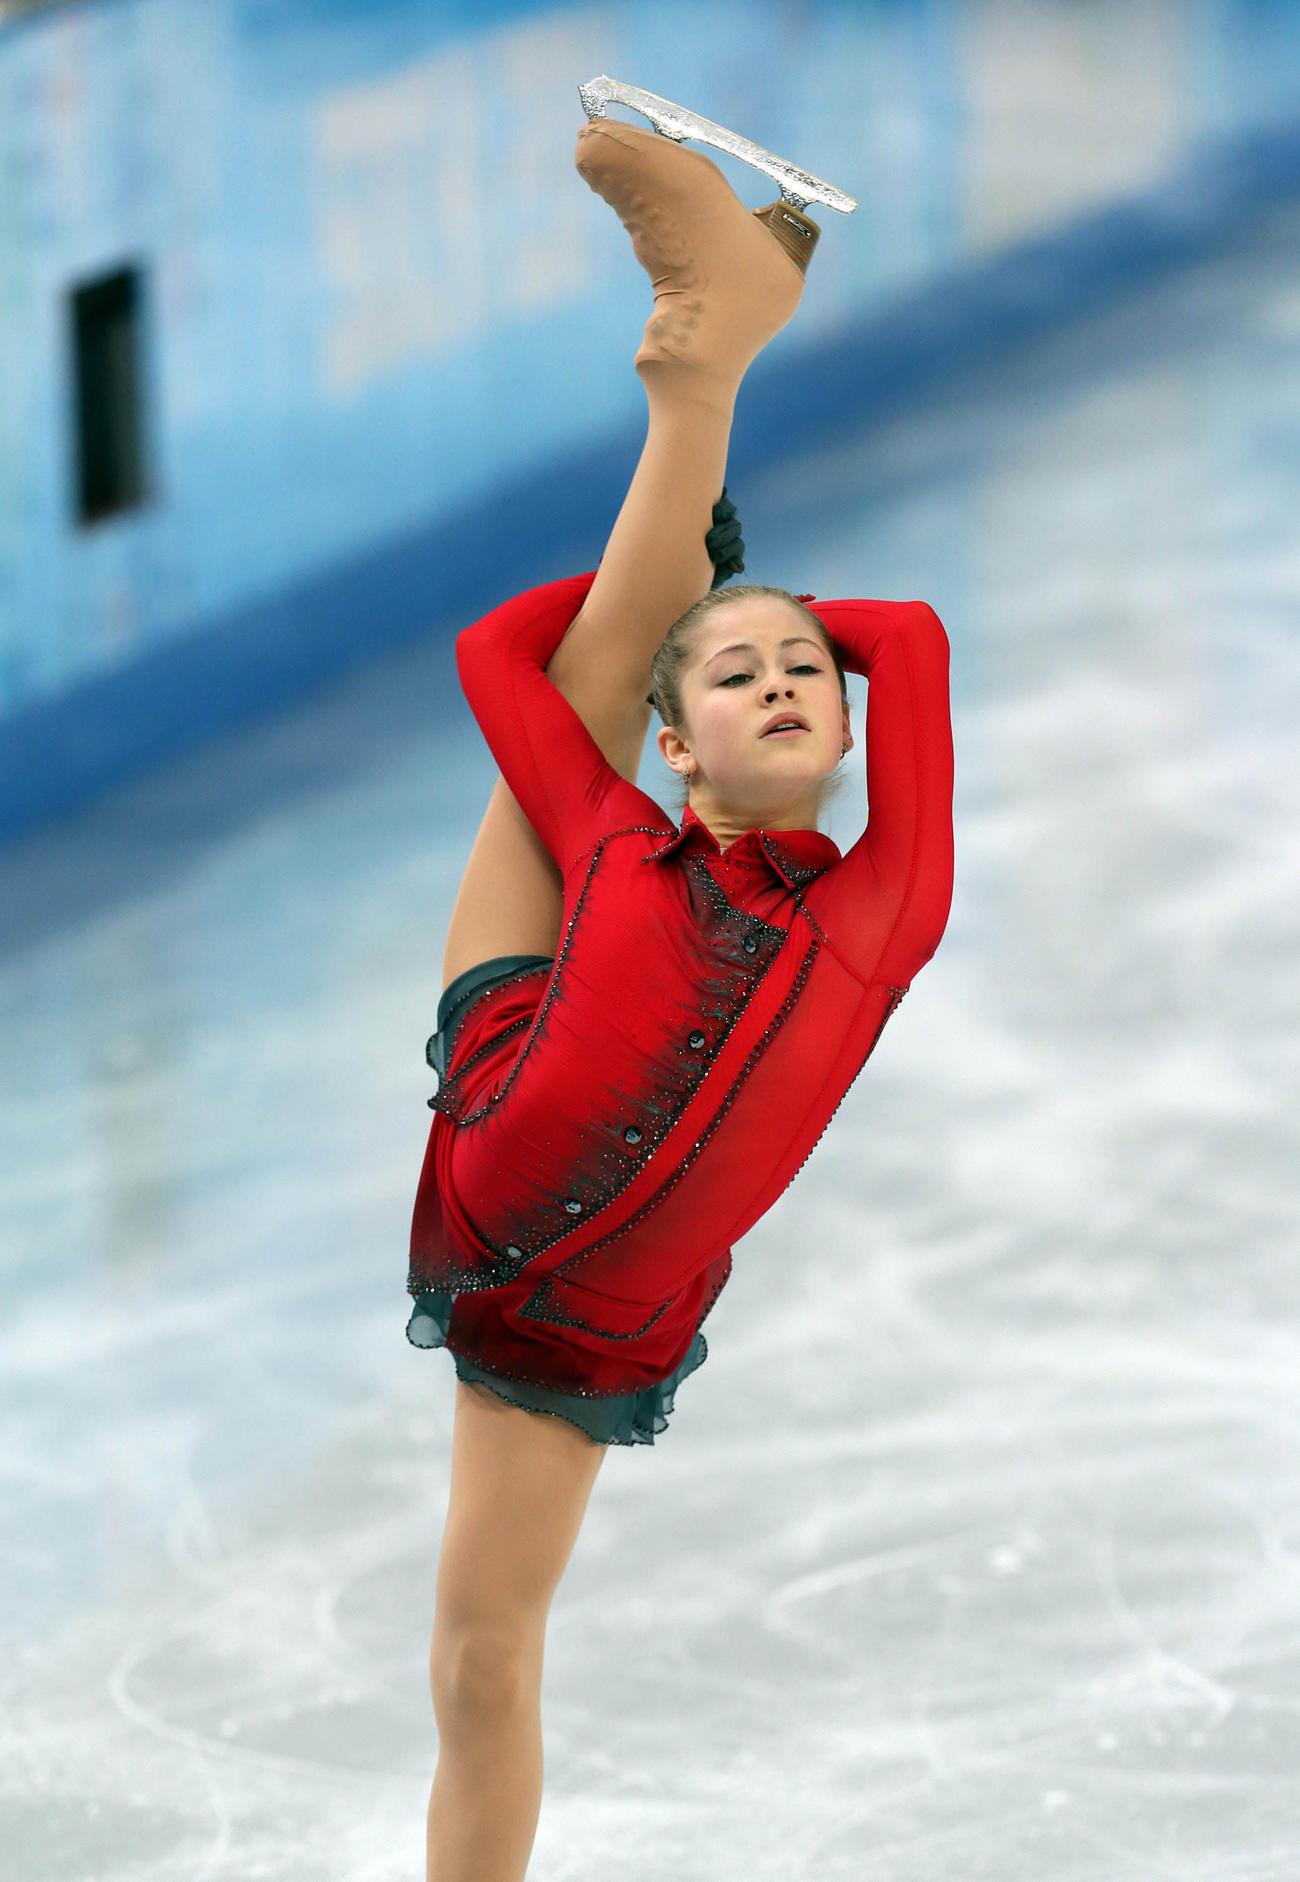 ソチ五輪 女子フリーで演技するユリア・リプニツカヤ(2014年2月20日撮影)